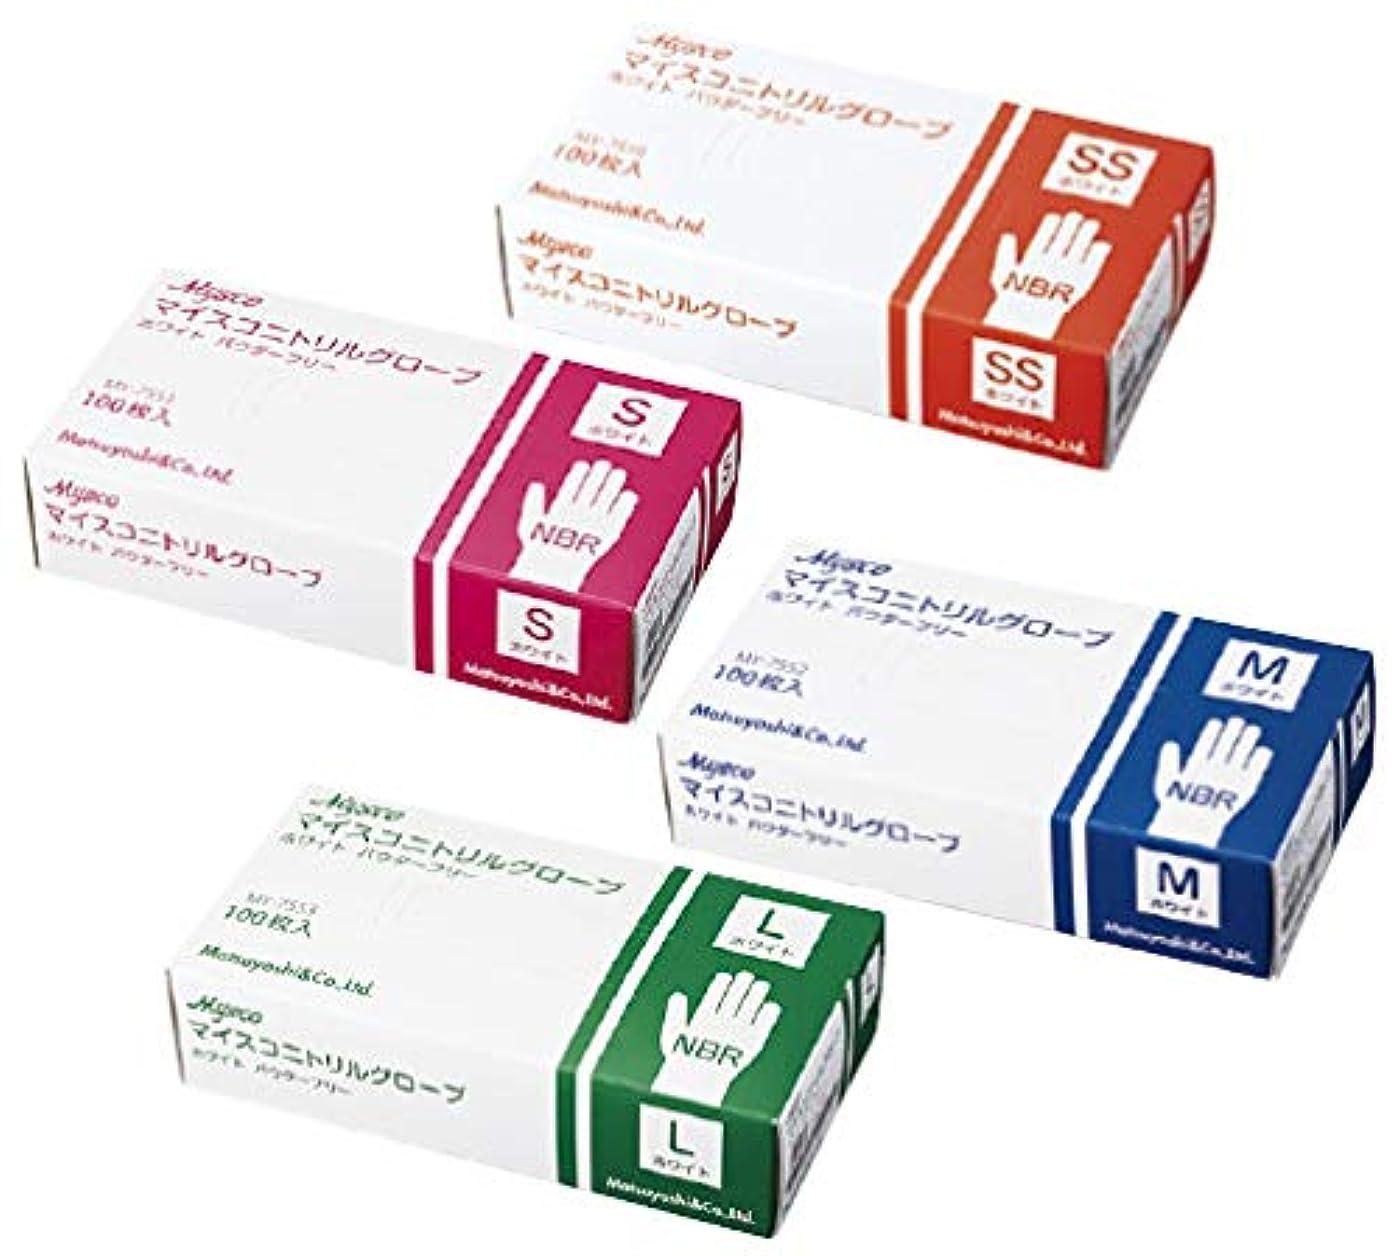 ダルセット休憩動かすマイスコ ニトリルグローブ ホワイト 粉なし S 100枚入 3箱